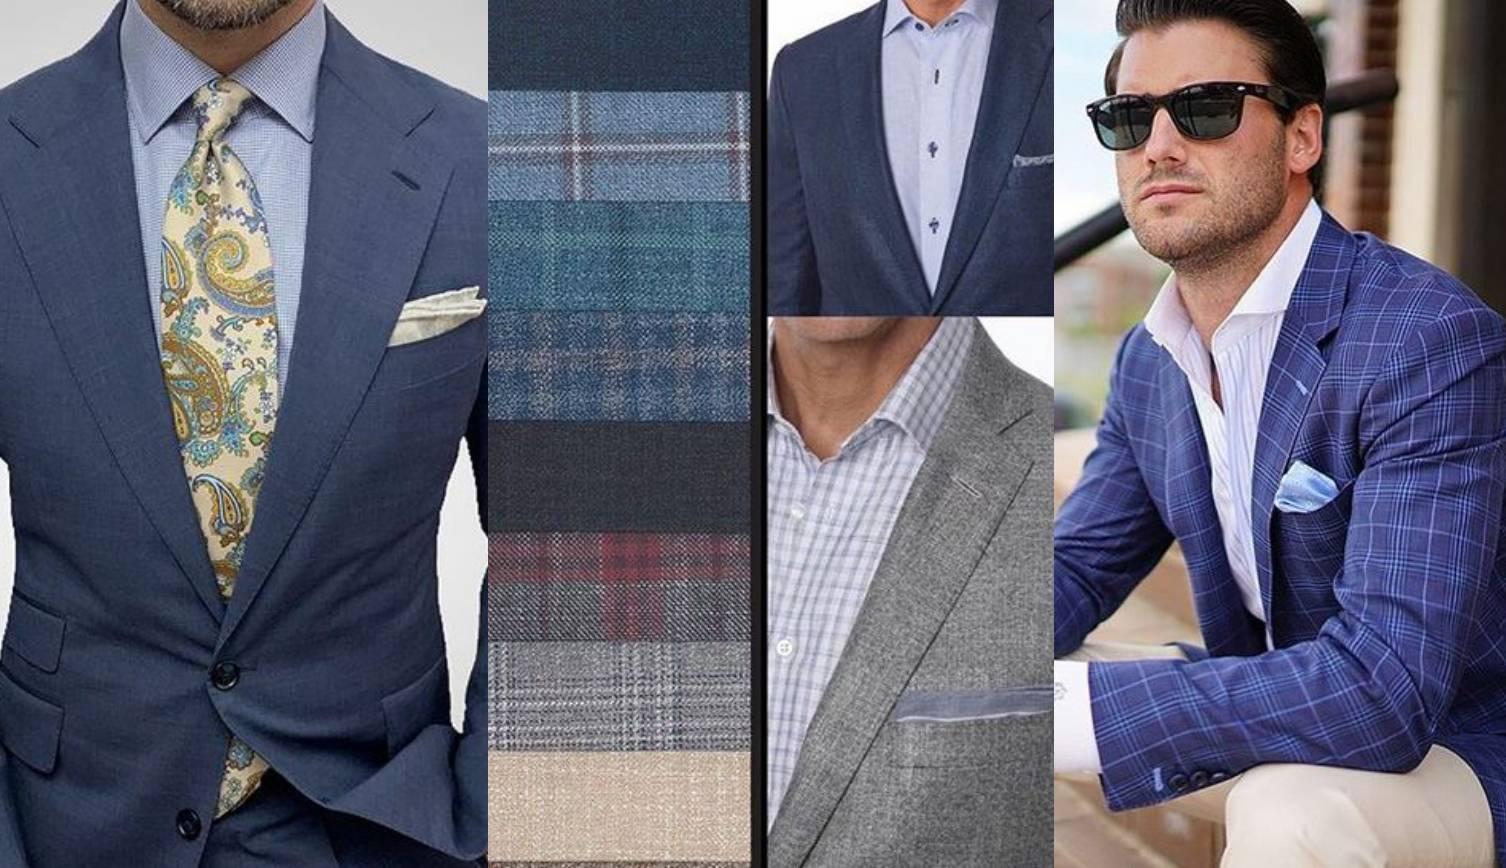 Boje muških odijela: Idealne su tamno plava, siva i bijela kava